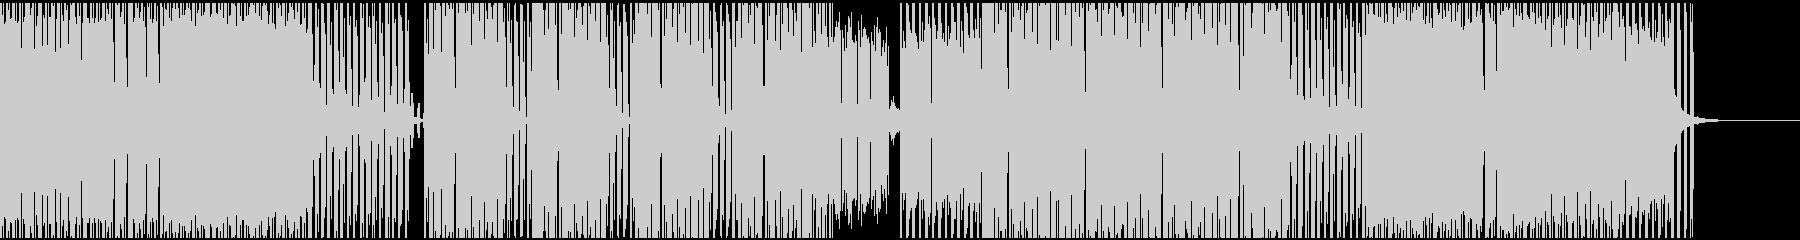 単音メロディーのテクノサウンドの未再生の波形